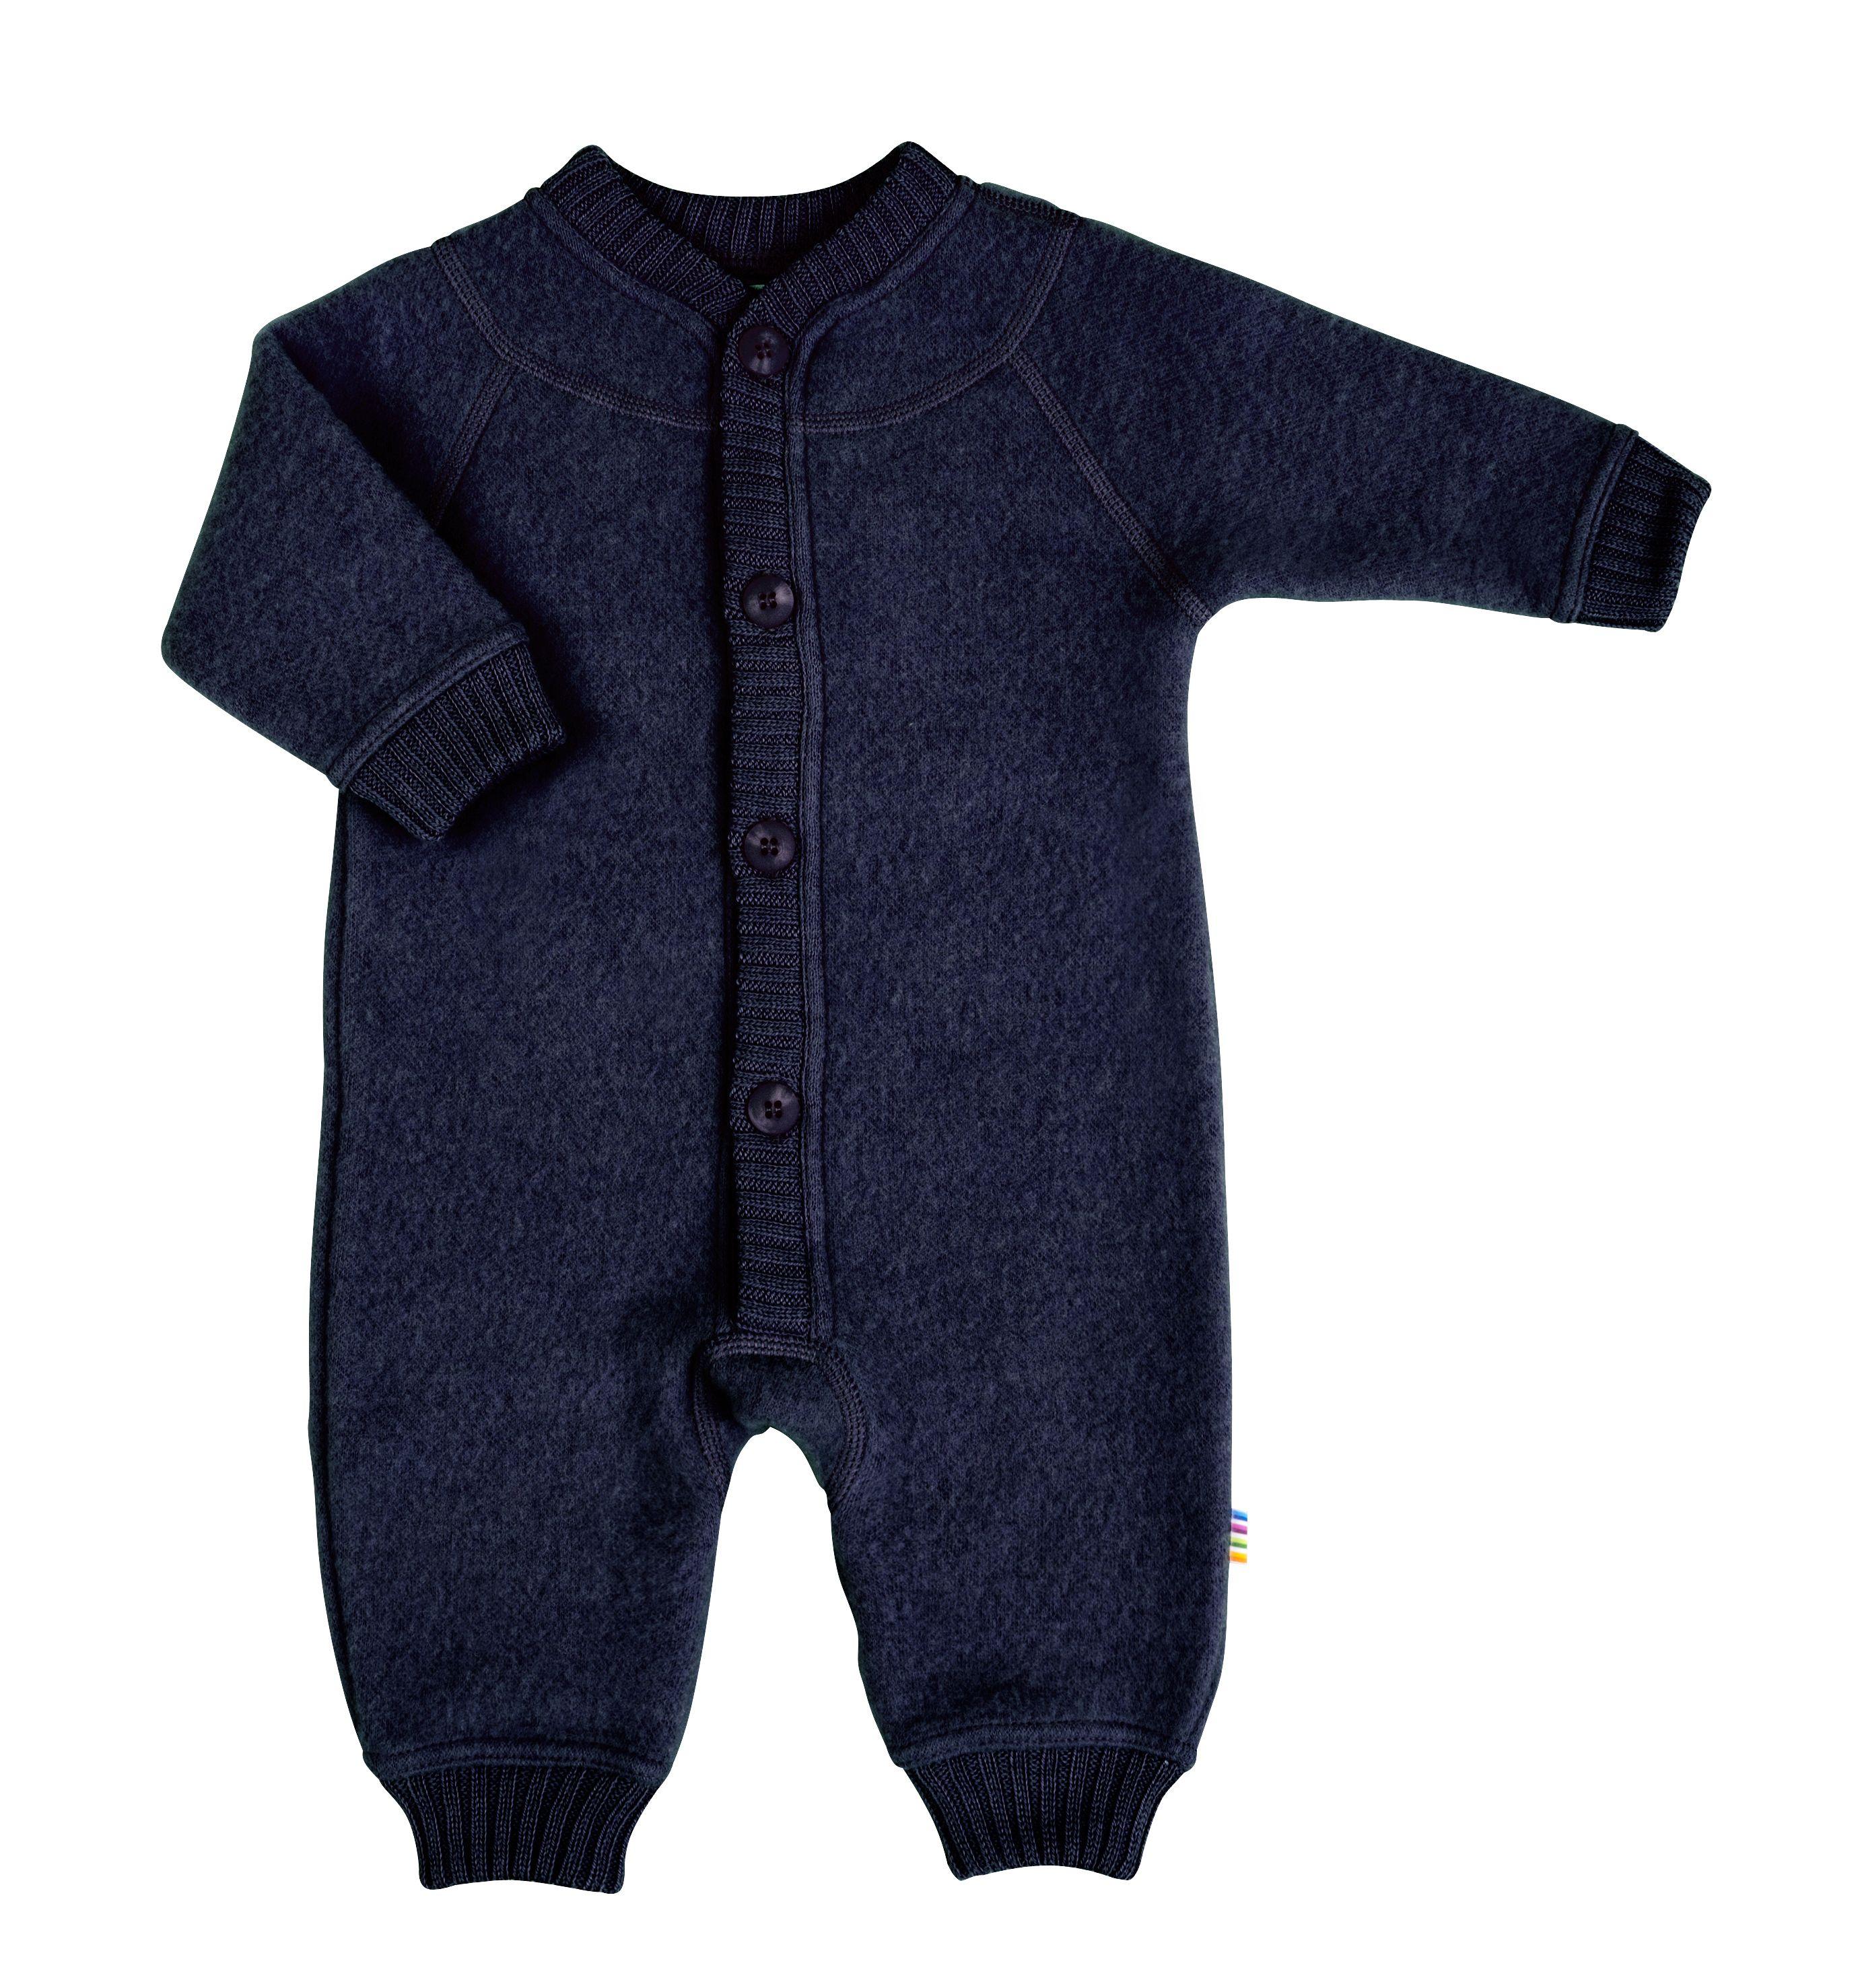 Image of   Soft wool køredragt m. knapper fra Joha - Darkblue melange